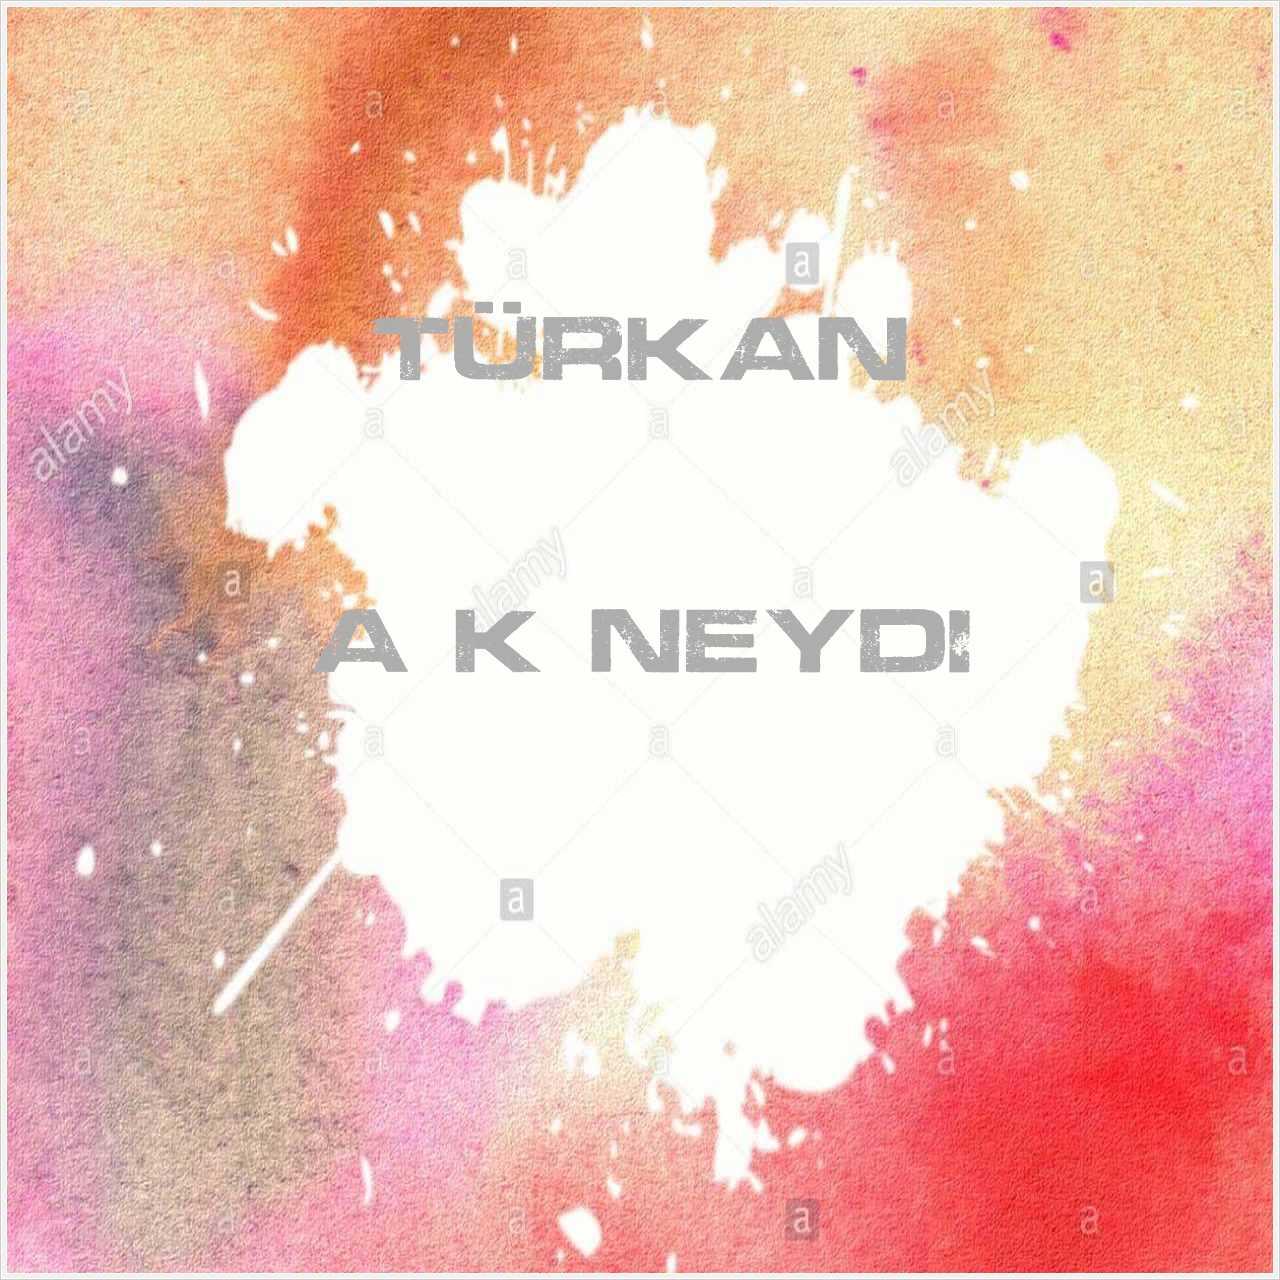 دانلود آهنگ جدید Türkan به نام Aşk Neydi